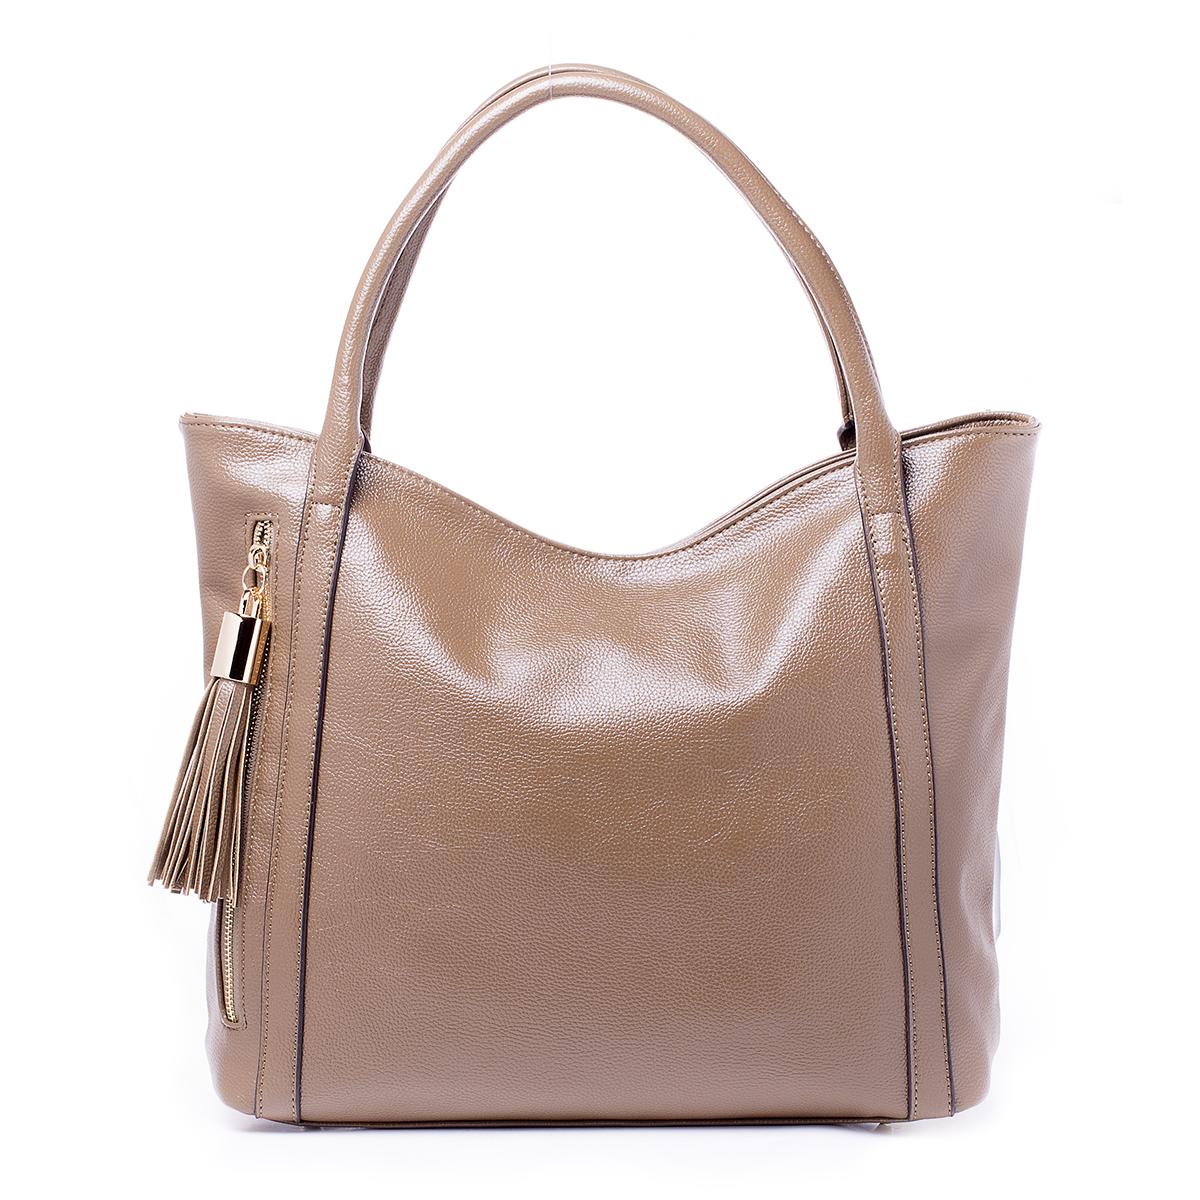 Сумка женская Renee Kler, цвет: песочный. RK510-04101057Сумка Renee Kler выполнена из искусственной кожи. Изделие застегивается на молнию. Внутри расположен разделитель на молнии, а также карманы для мелочей и мобильного телефона. Снаружи на задней стороне сумки имеется прорезной карман на молнии, с передней стороны сумки расположен вертикальный карман на молнии с бегунком, дополненным кисточкой. Сумка имеет две короткие ручки.